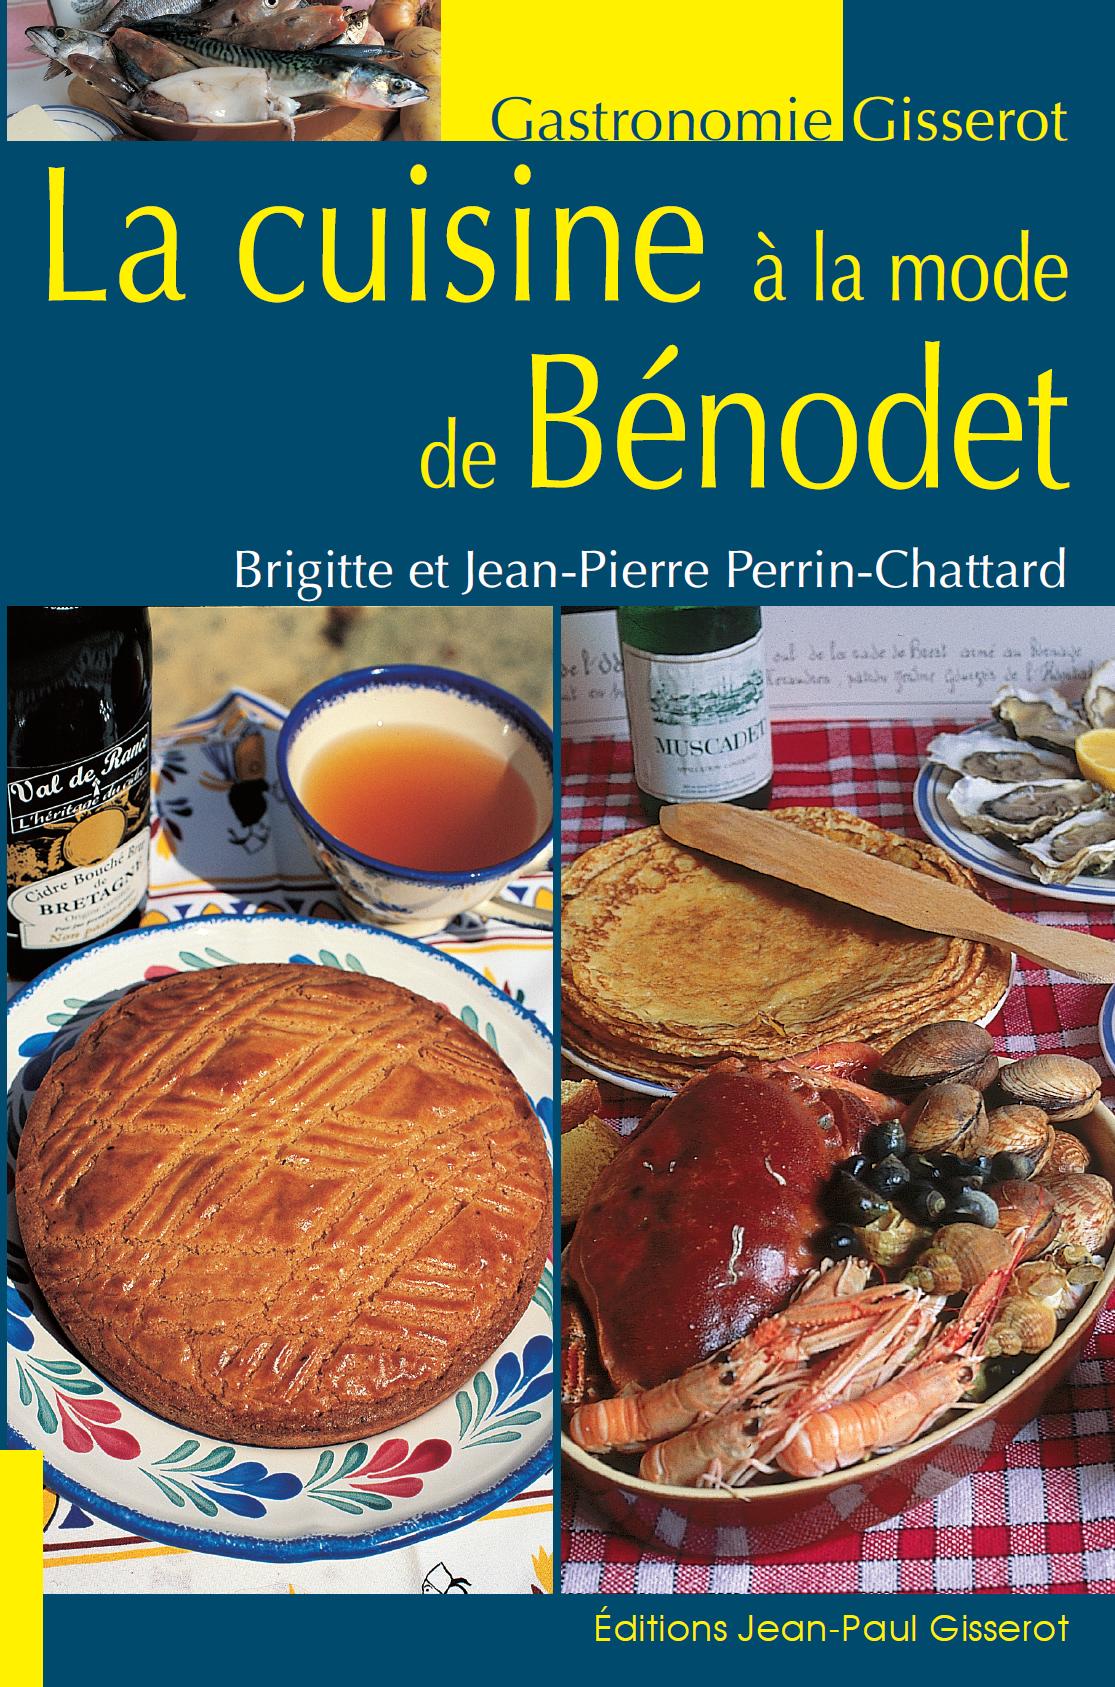 Livre de cuisine la cuisine la mode de b nodet biscuiterie fran ois garrec - Cuisine a la mode ...